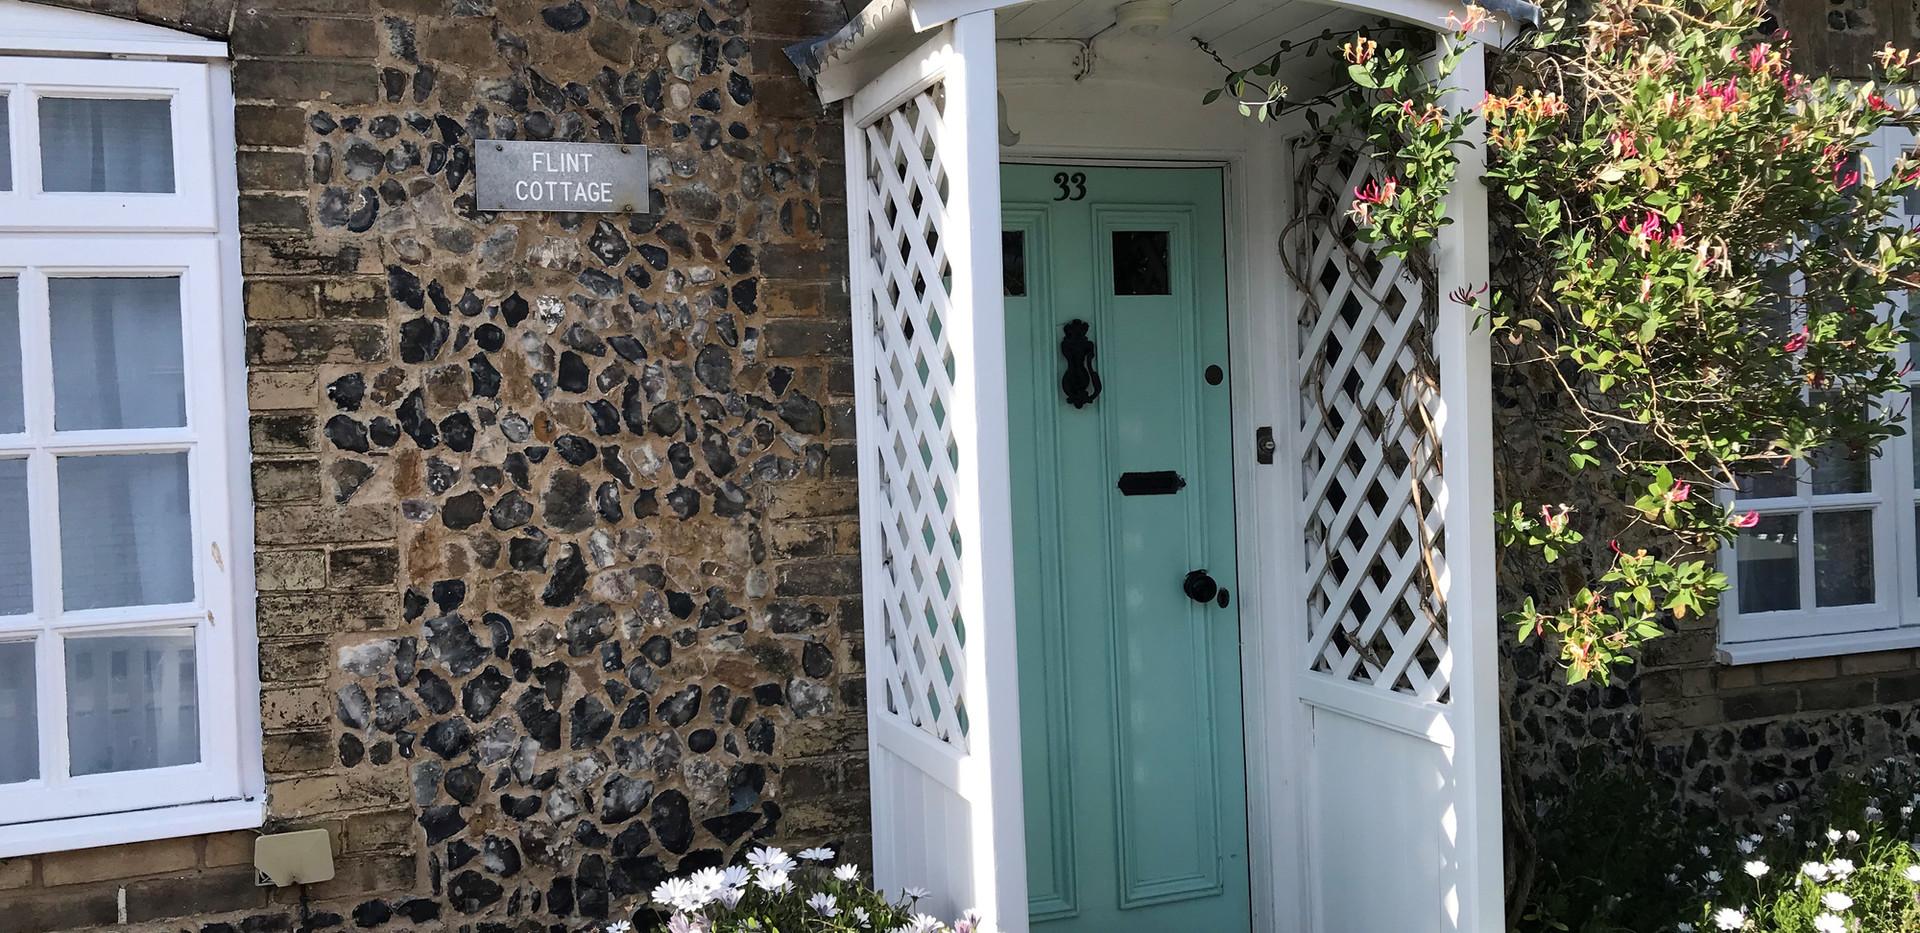 Flint Cottage: Entrance